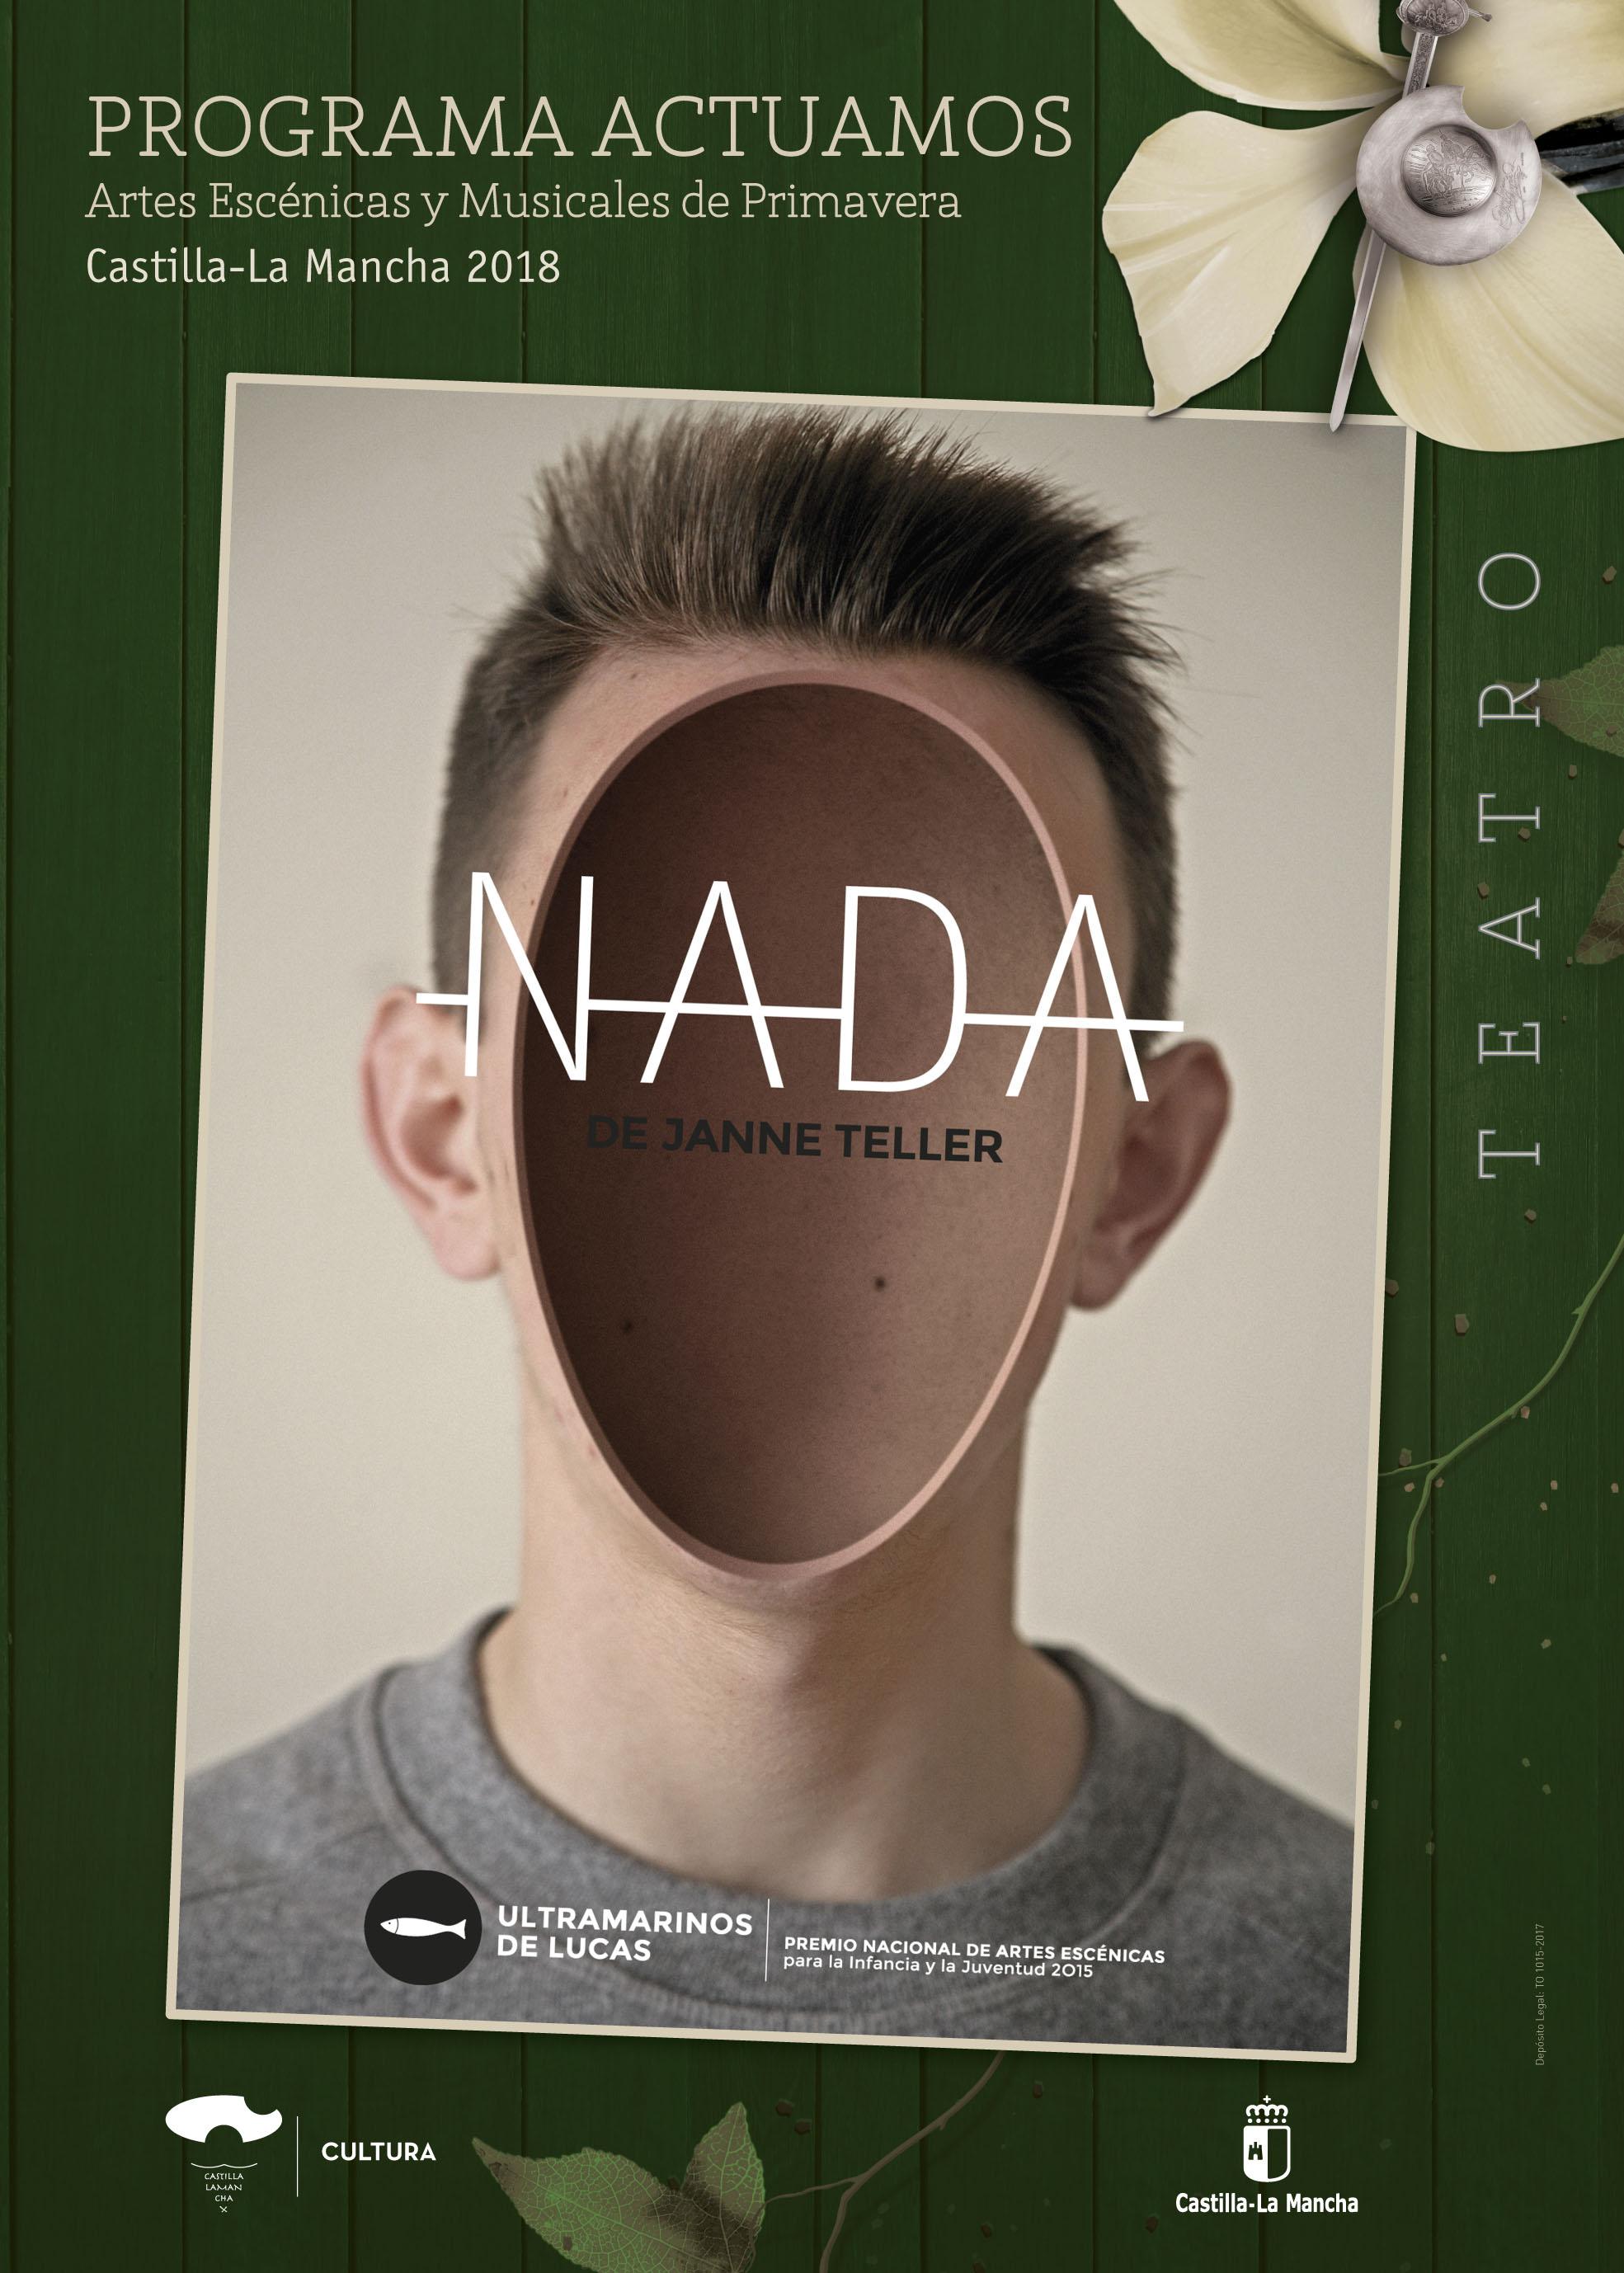 Imagen de la actividad NADA (Ultramarinos de Lucas)